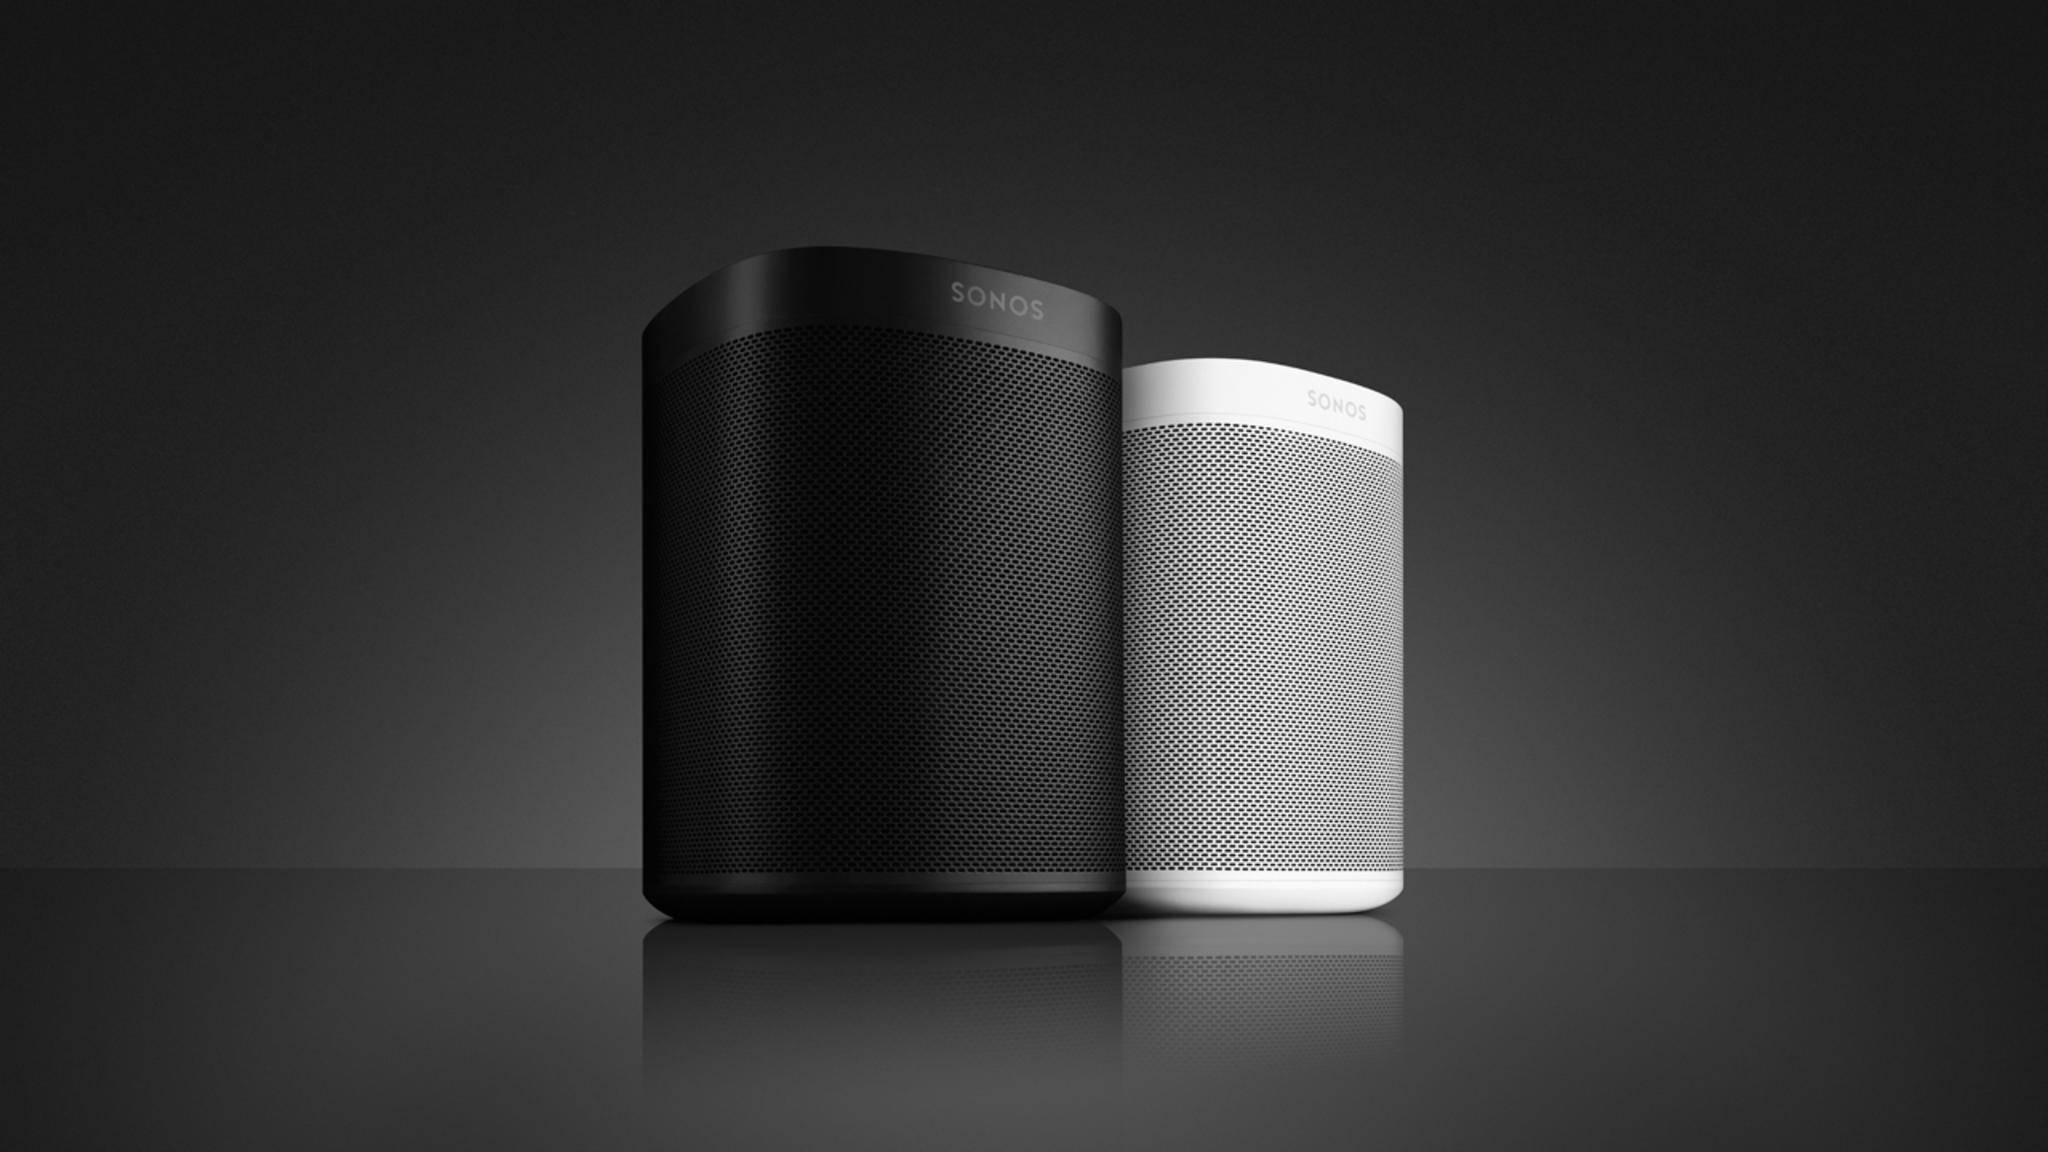 Der Sonos One soll bis Ende 2018 endlich auch mit dem Google Assistant versorgt werden.